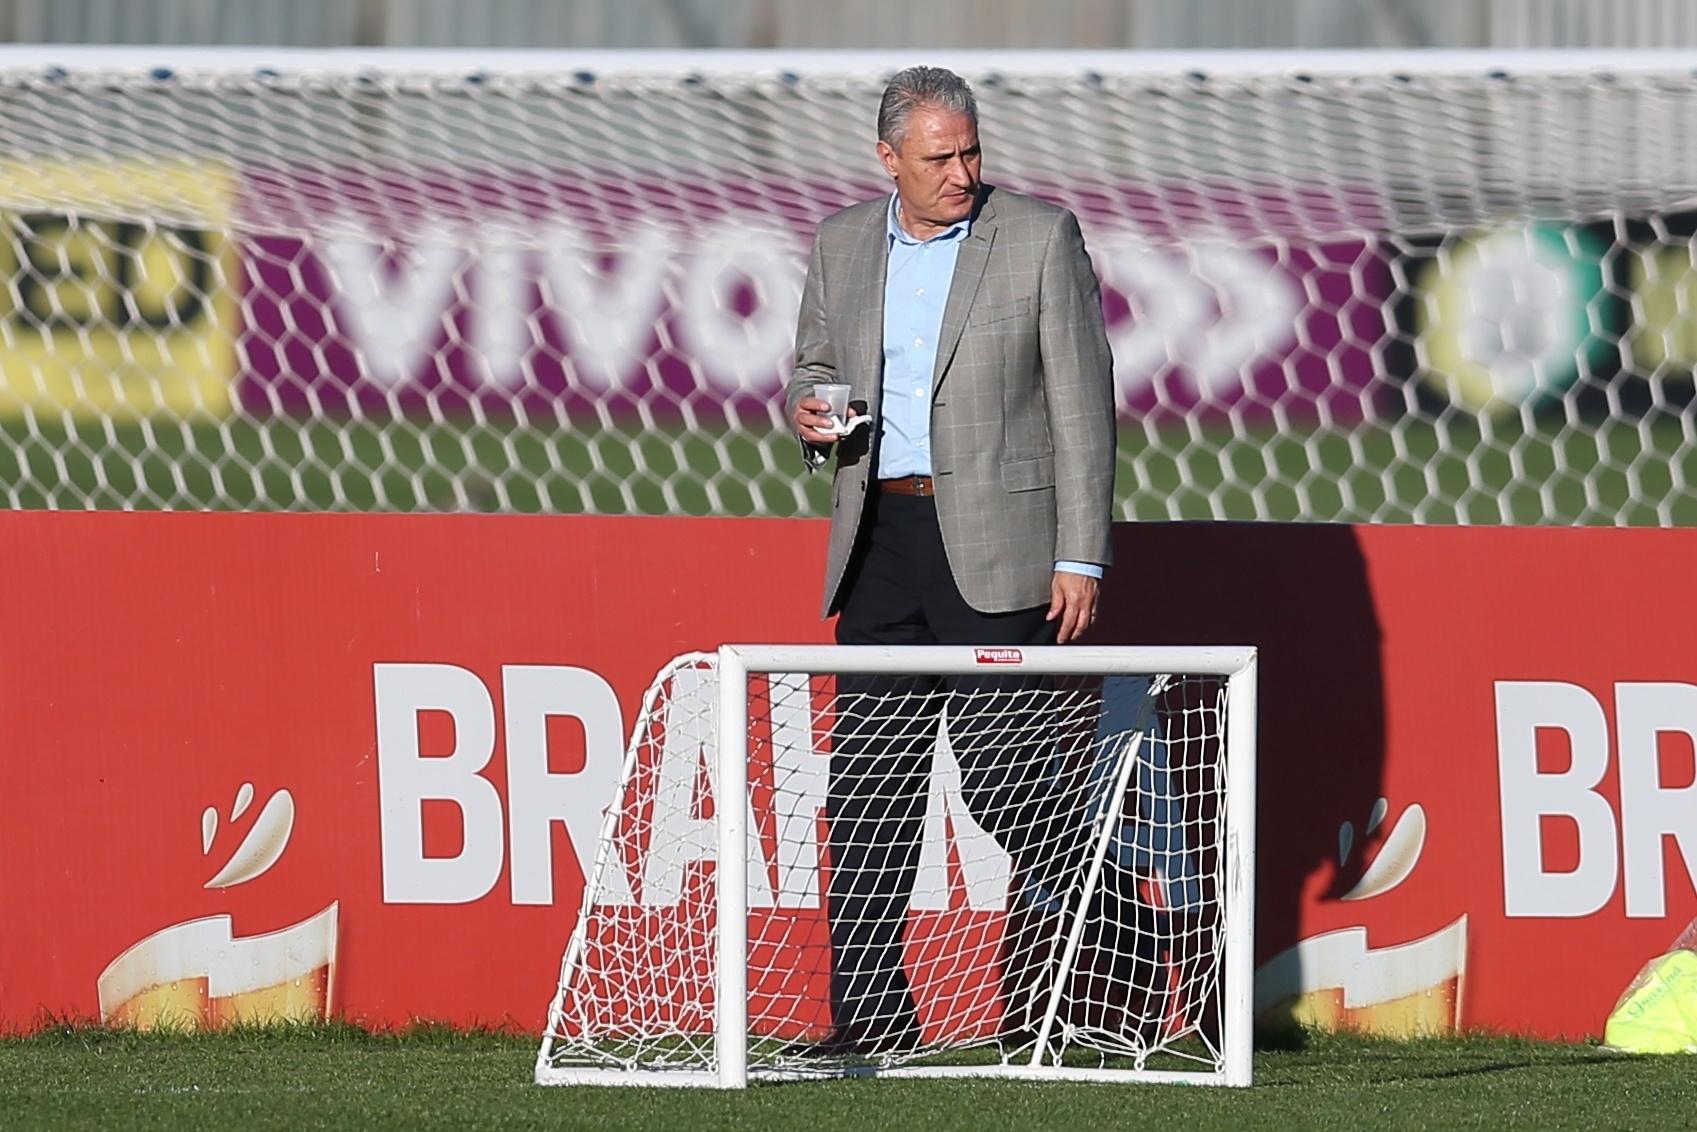 Seleção estreia Granja com Tite de olho em estratégia para Copa-2018 -  02 10 2017 - UOL Esporte 13d6571ad987b